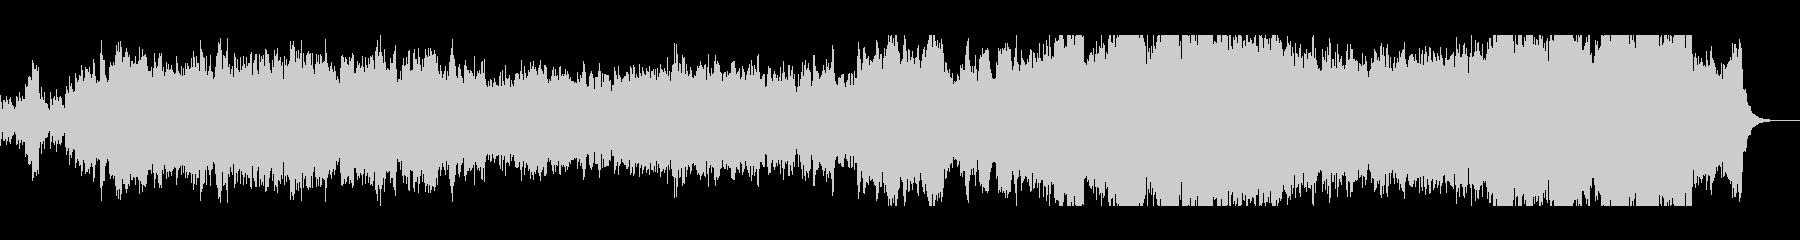 オーケストラと大正琴のイージーリスニングの未再生の波形